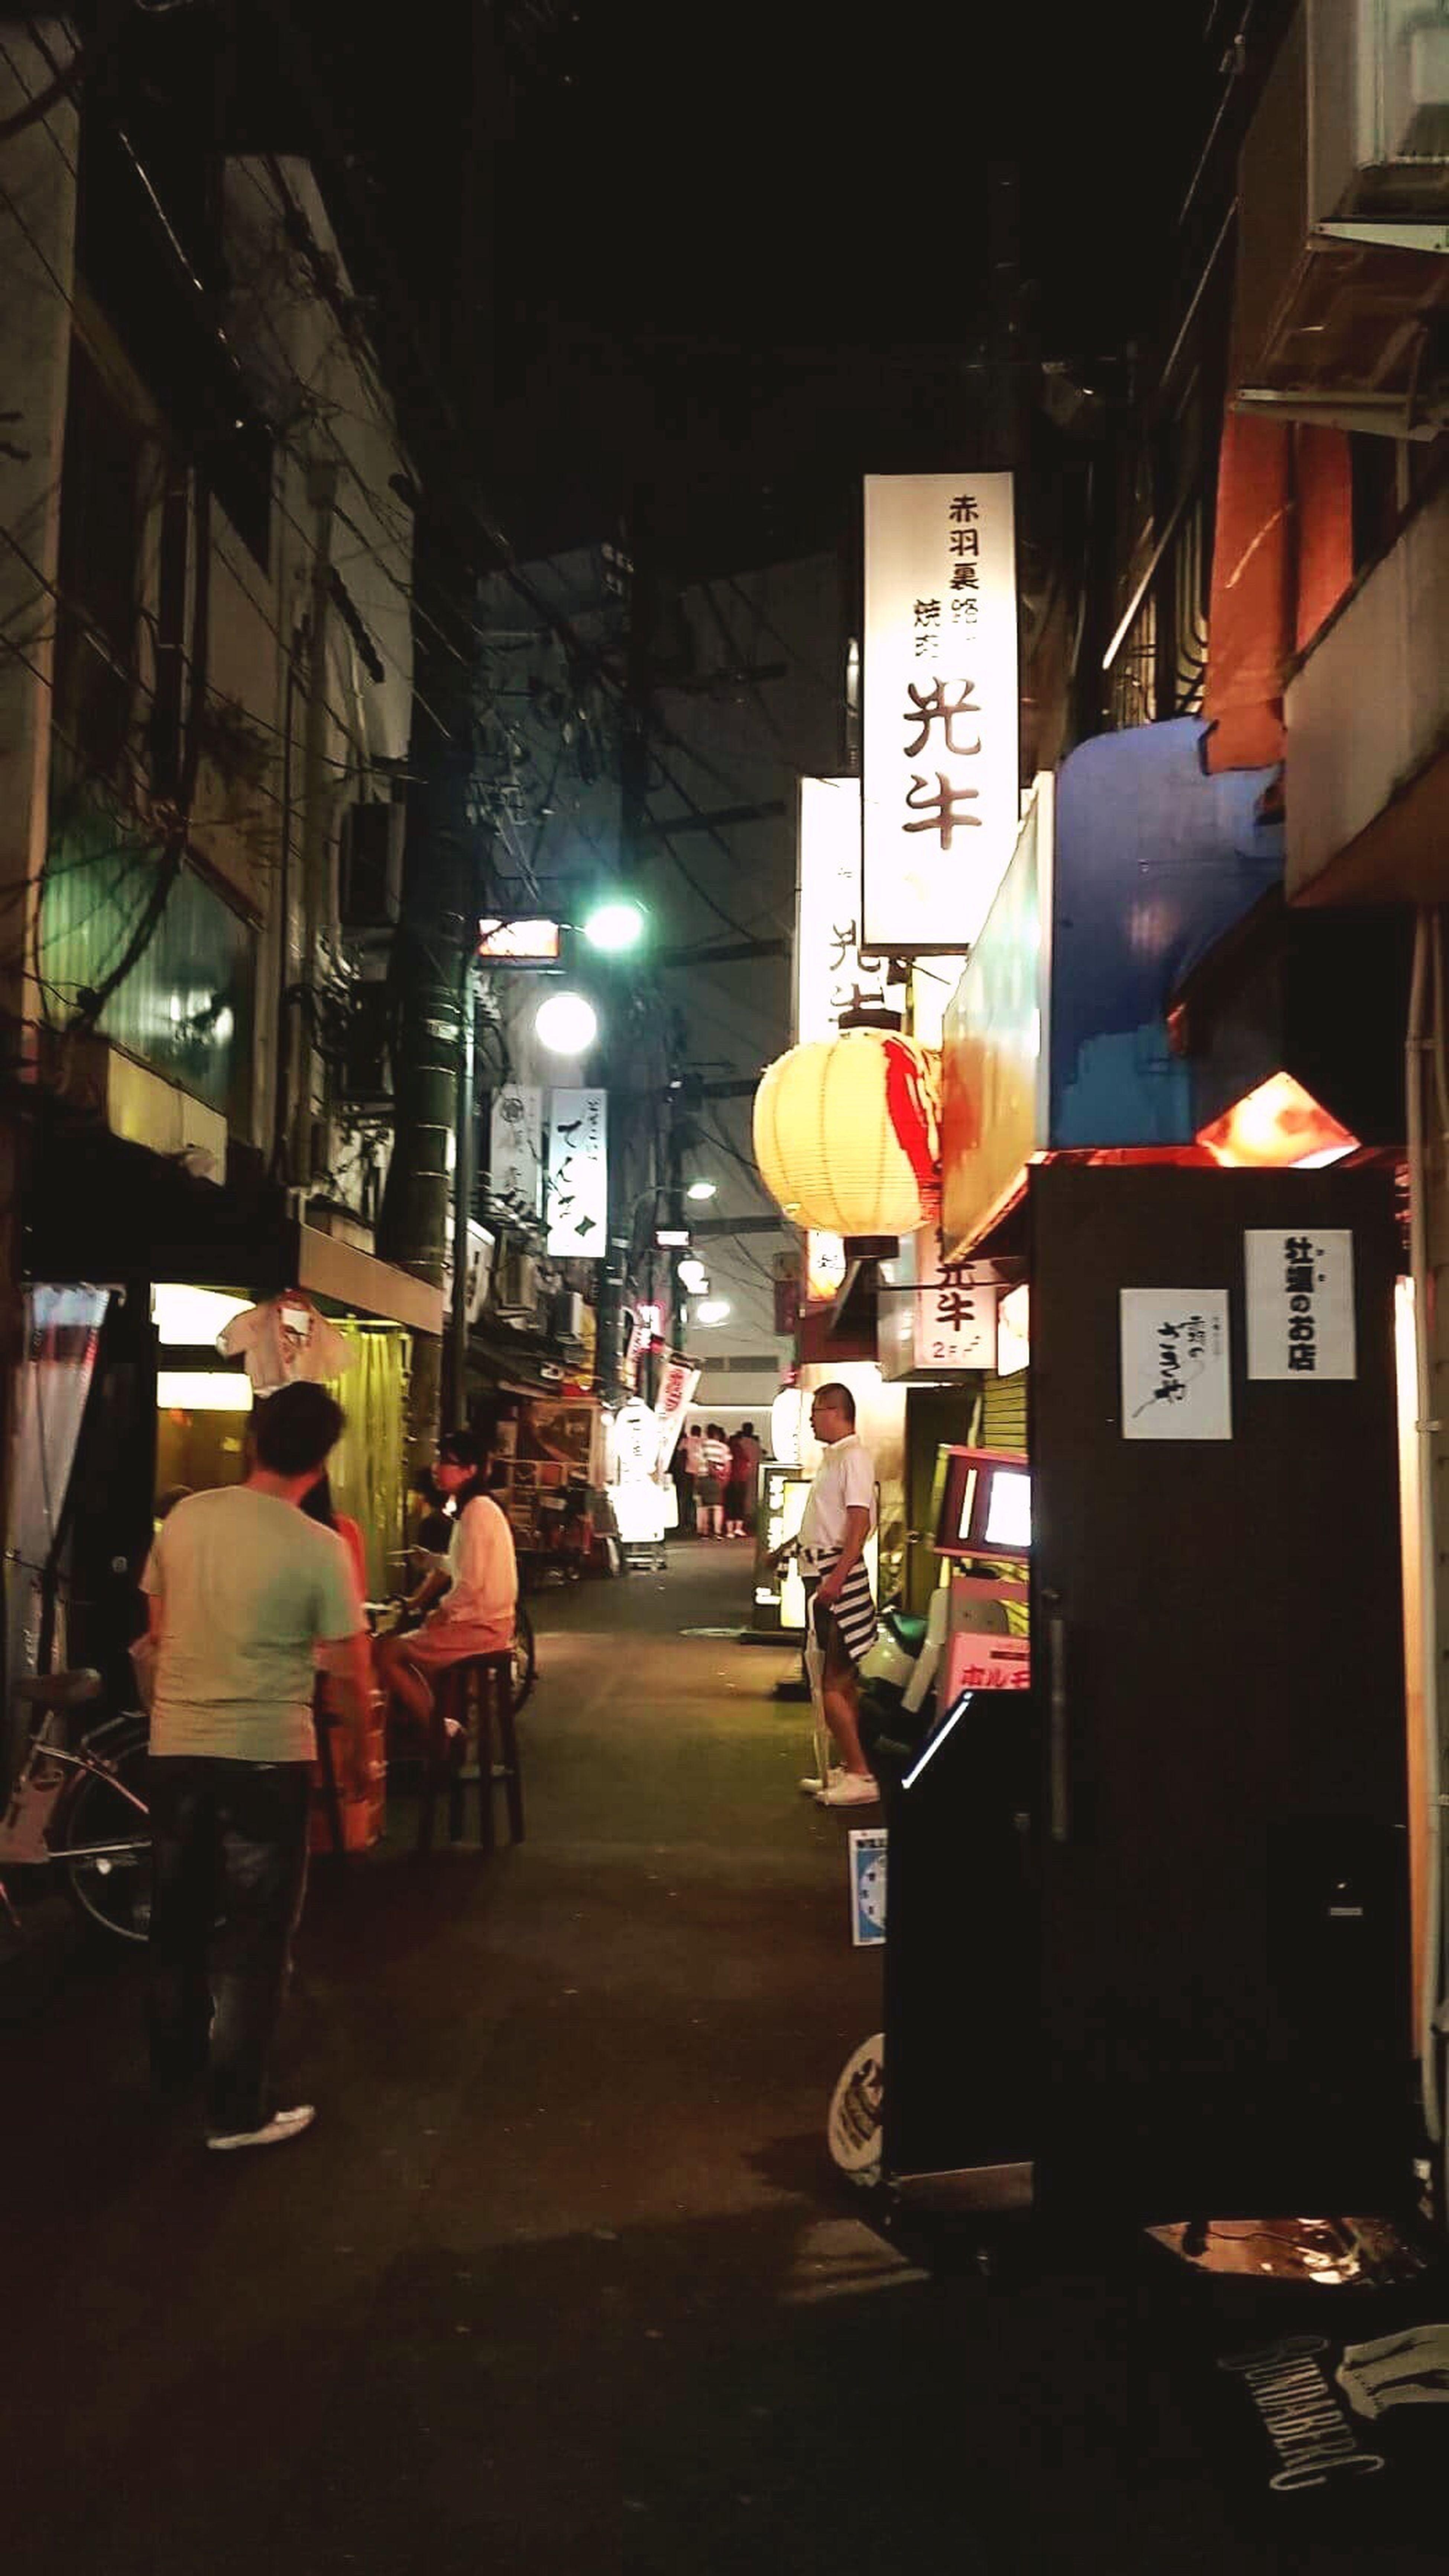 赤羽OK横丁 Akabane Tokyo,Japan